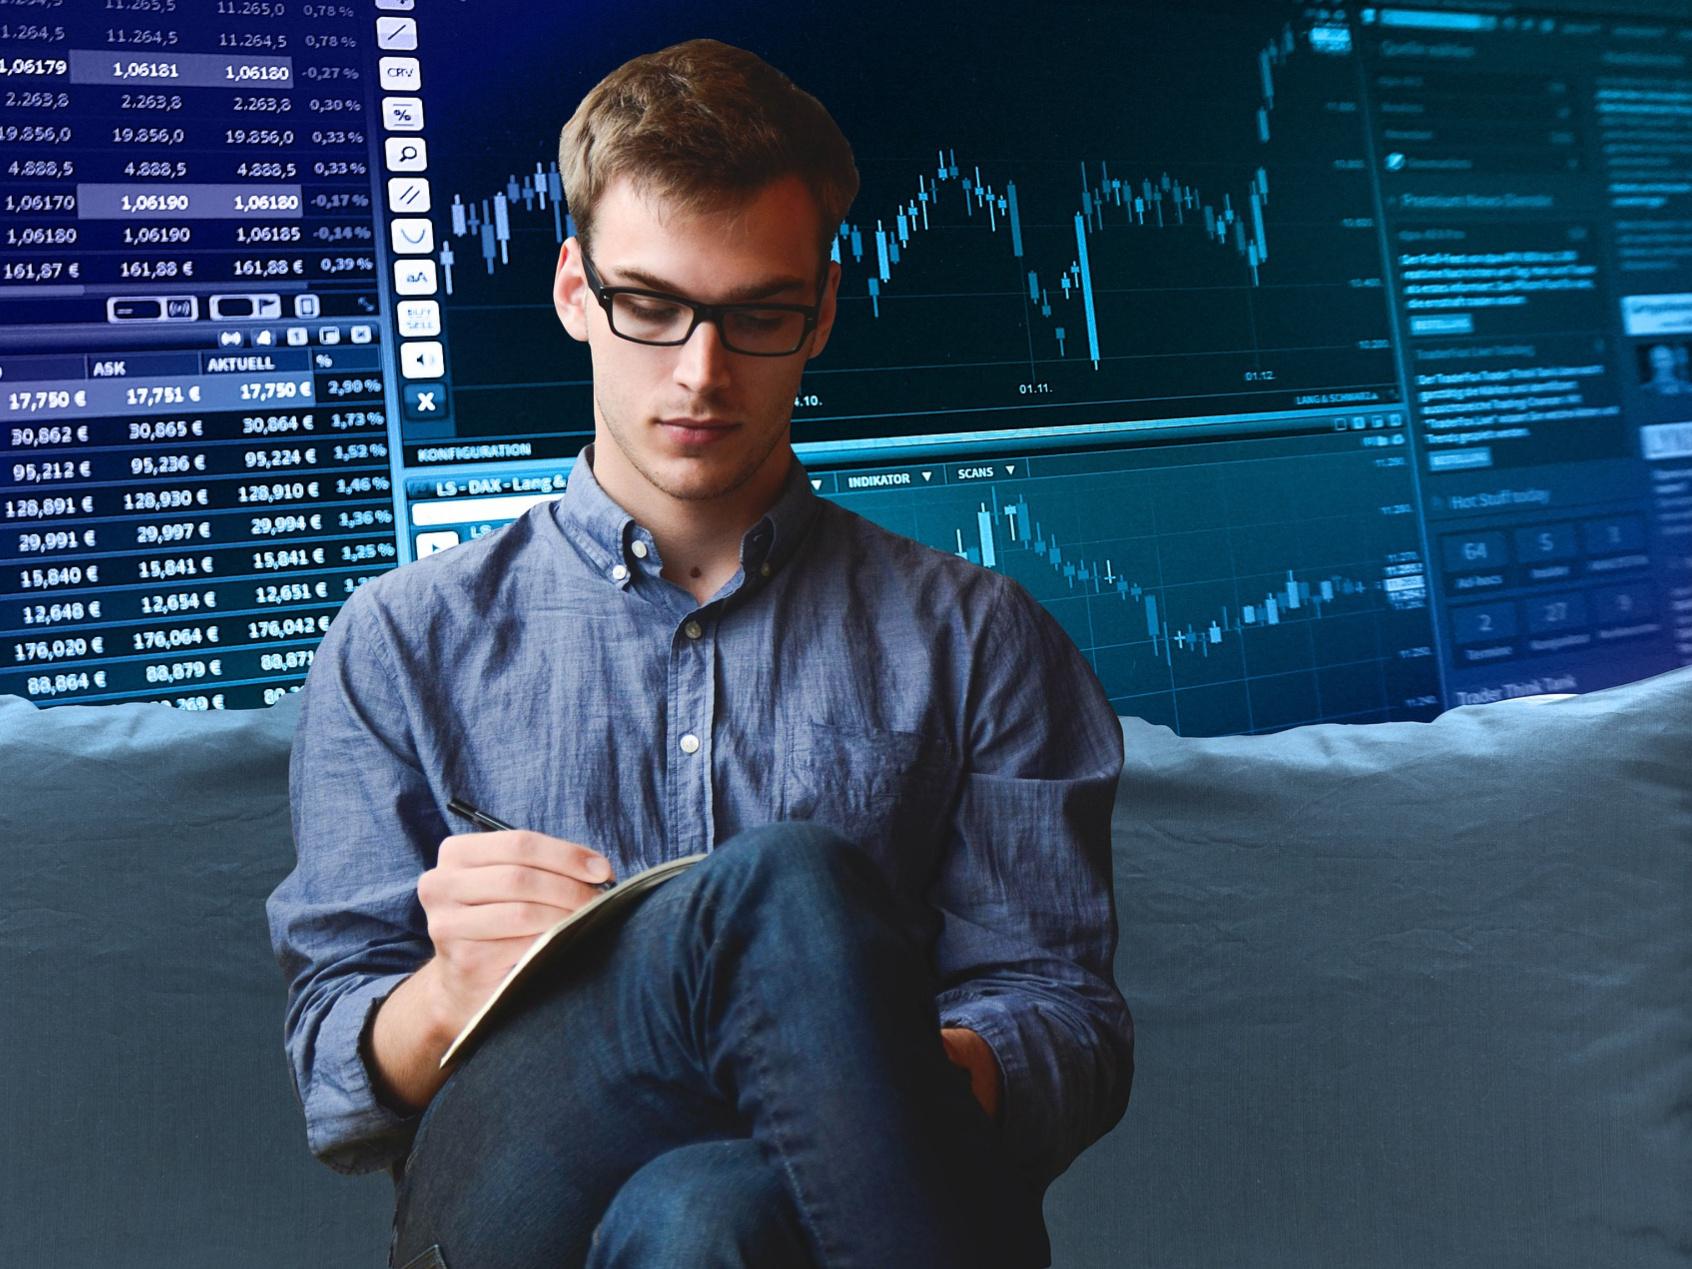 第53話|ビジネス系のデータって、時系列が多い。であれば、先ず3つの視点で分析しよう!